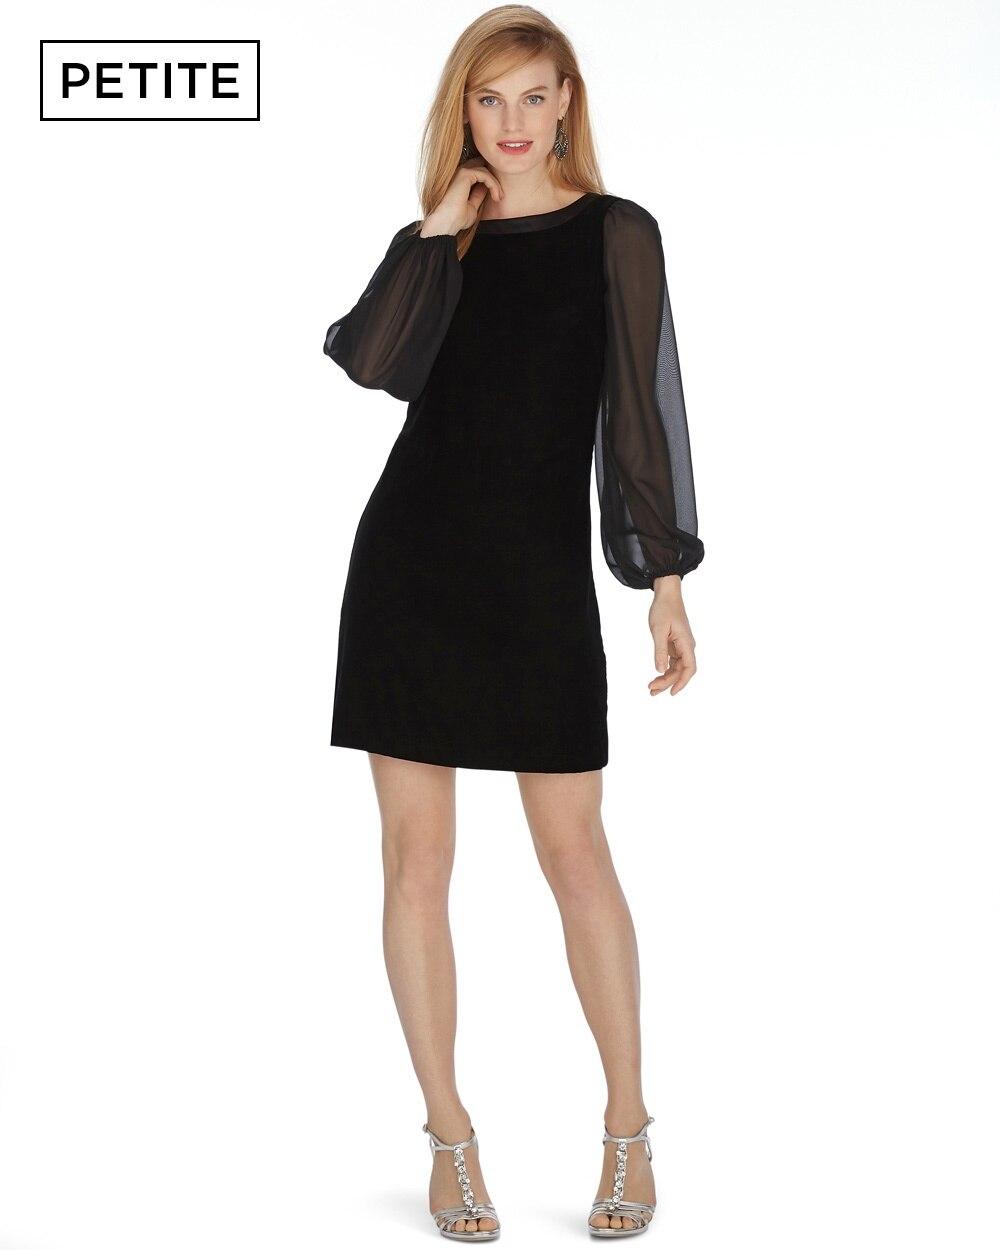 Petite Long Sleeve Velvet Chiffon Shift Dress - White House Black ...